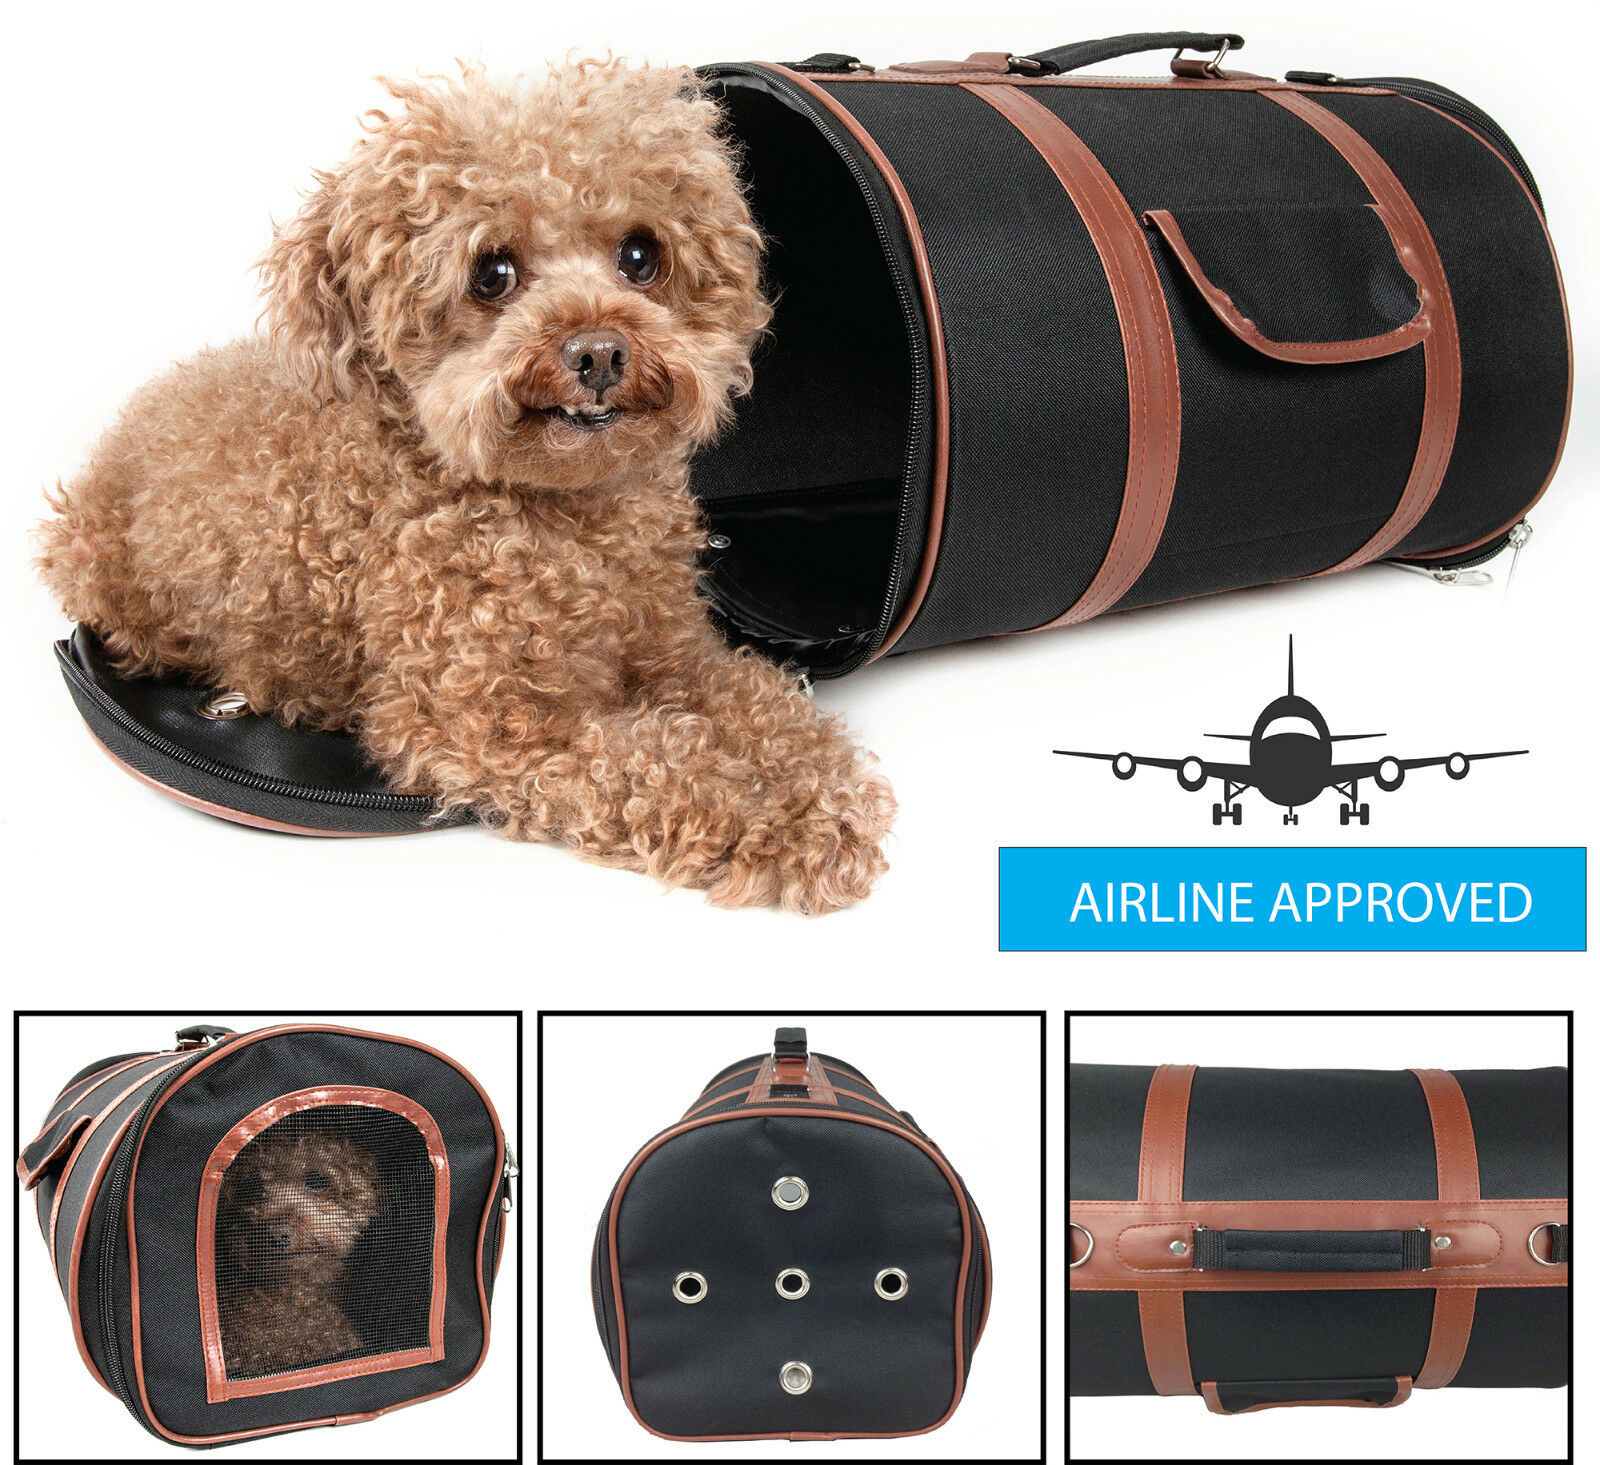 Airline Approved Fashion Cylinder Posh Designer Travel Pet Dog Carrier bag